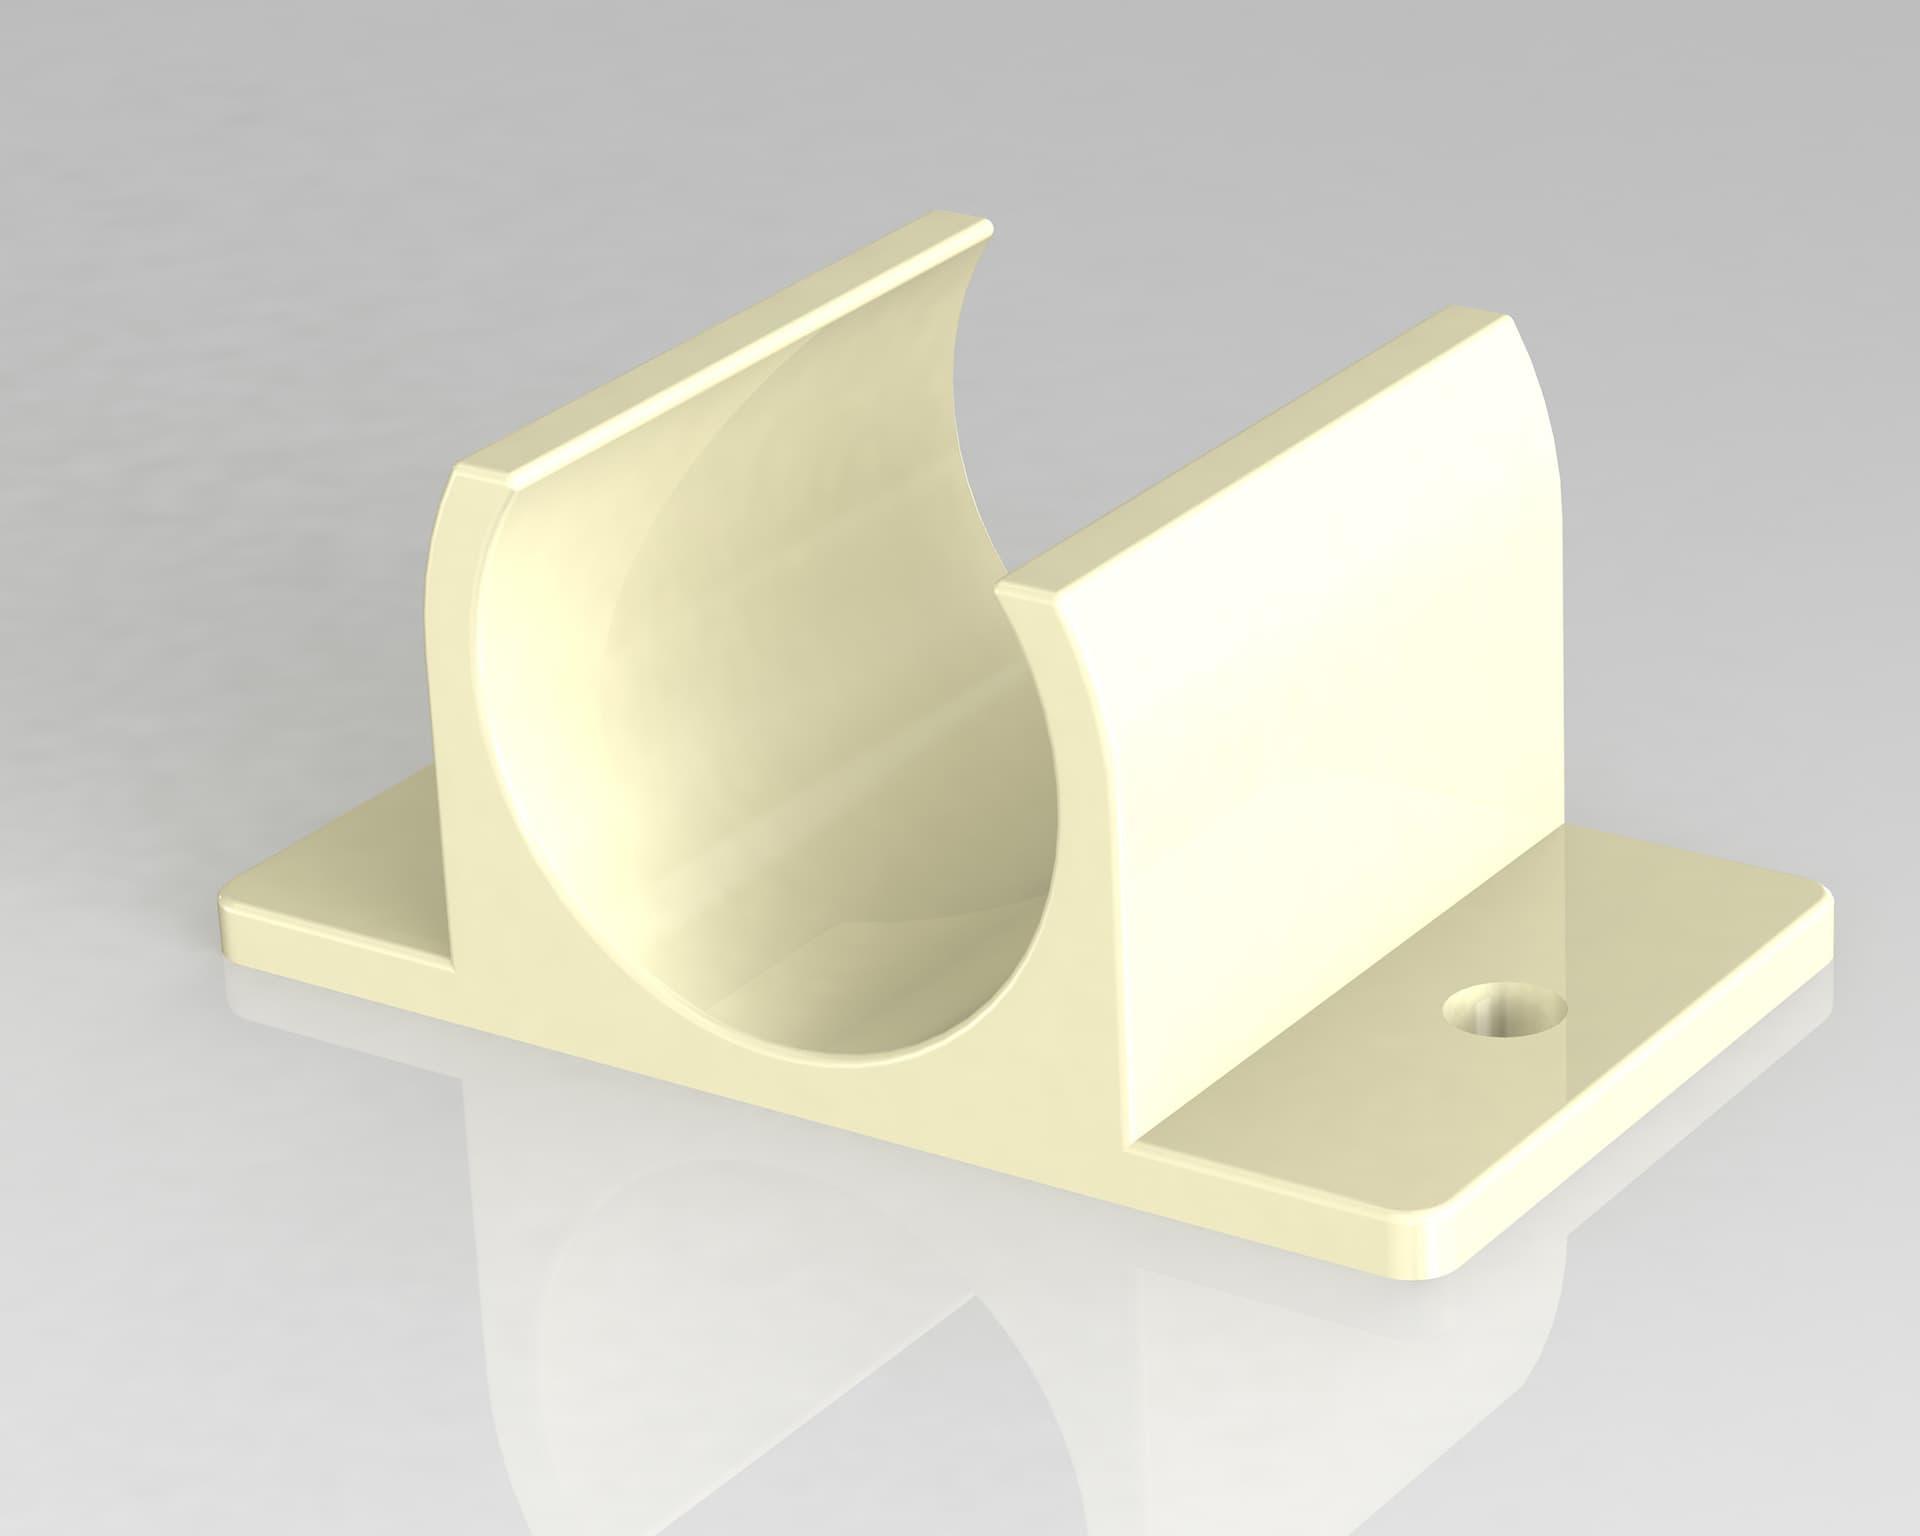 PEK3 Easytube Plastic Accessories GAP 49